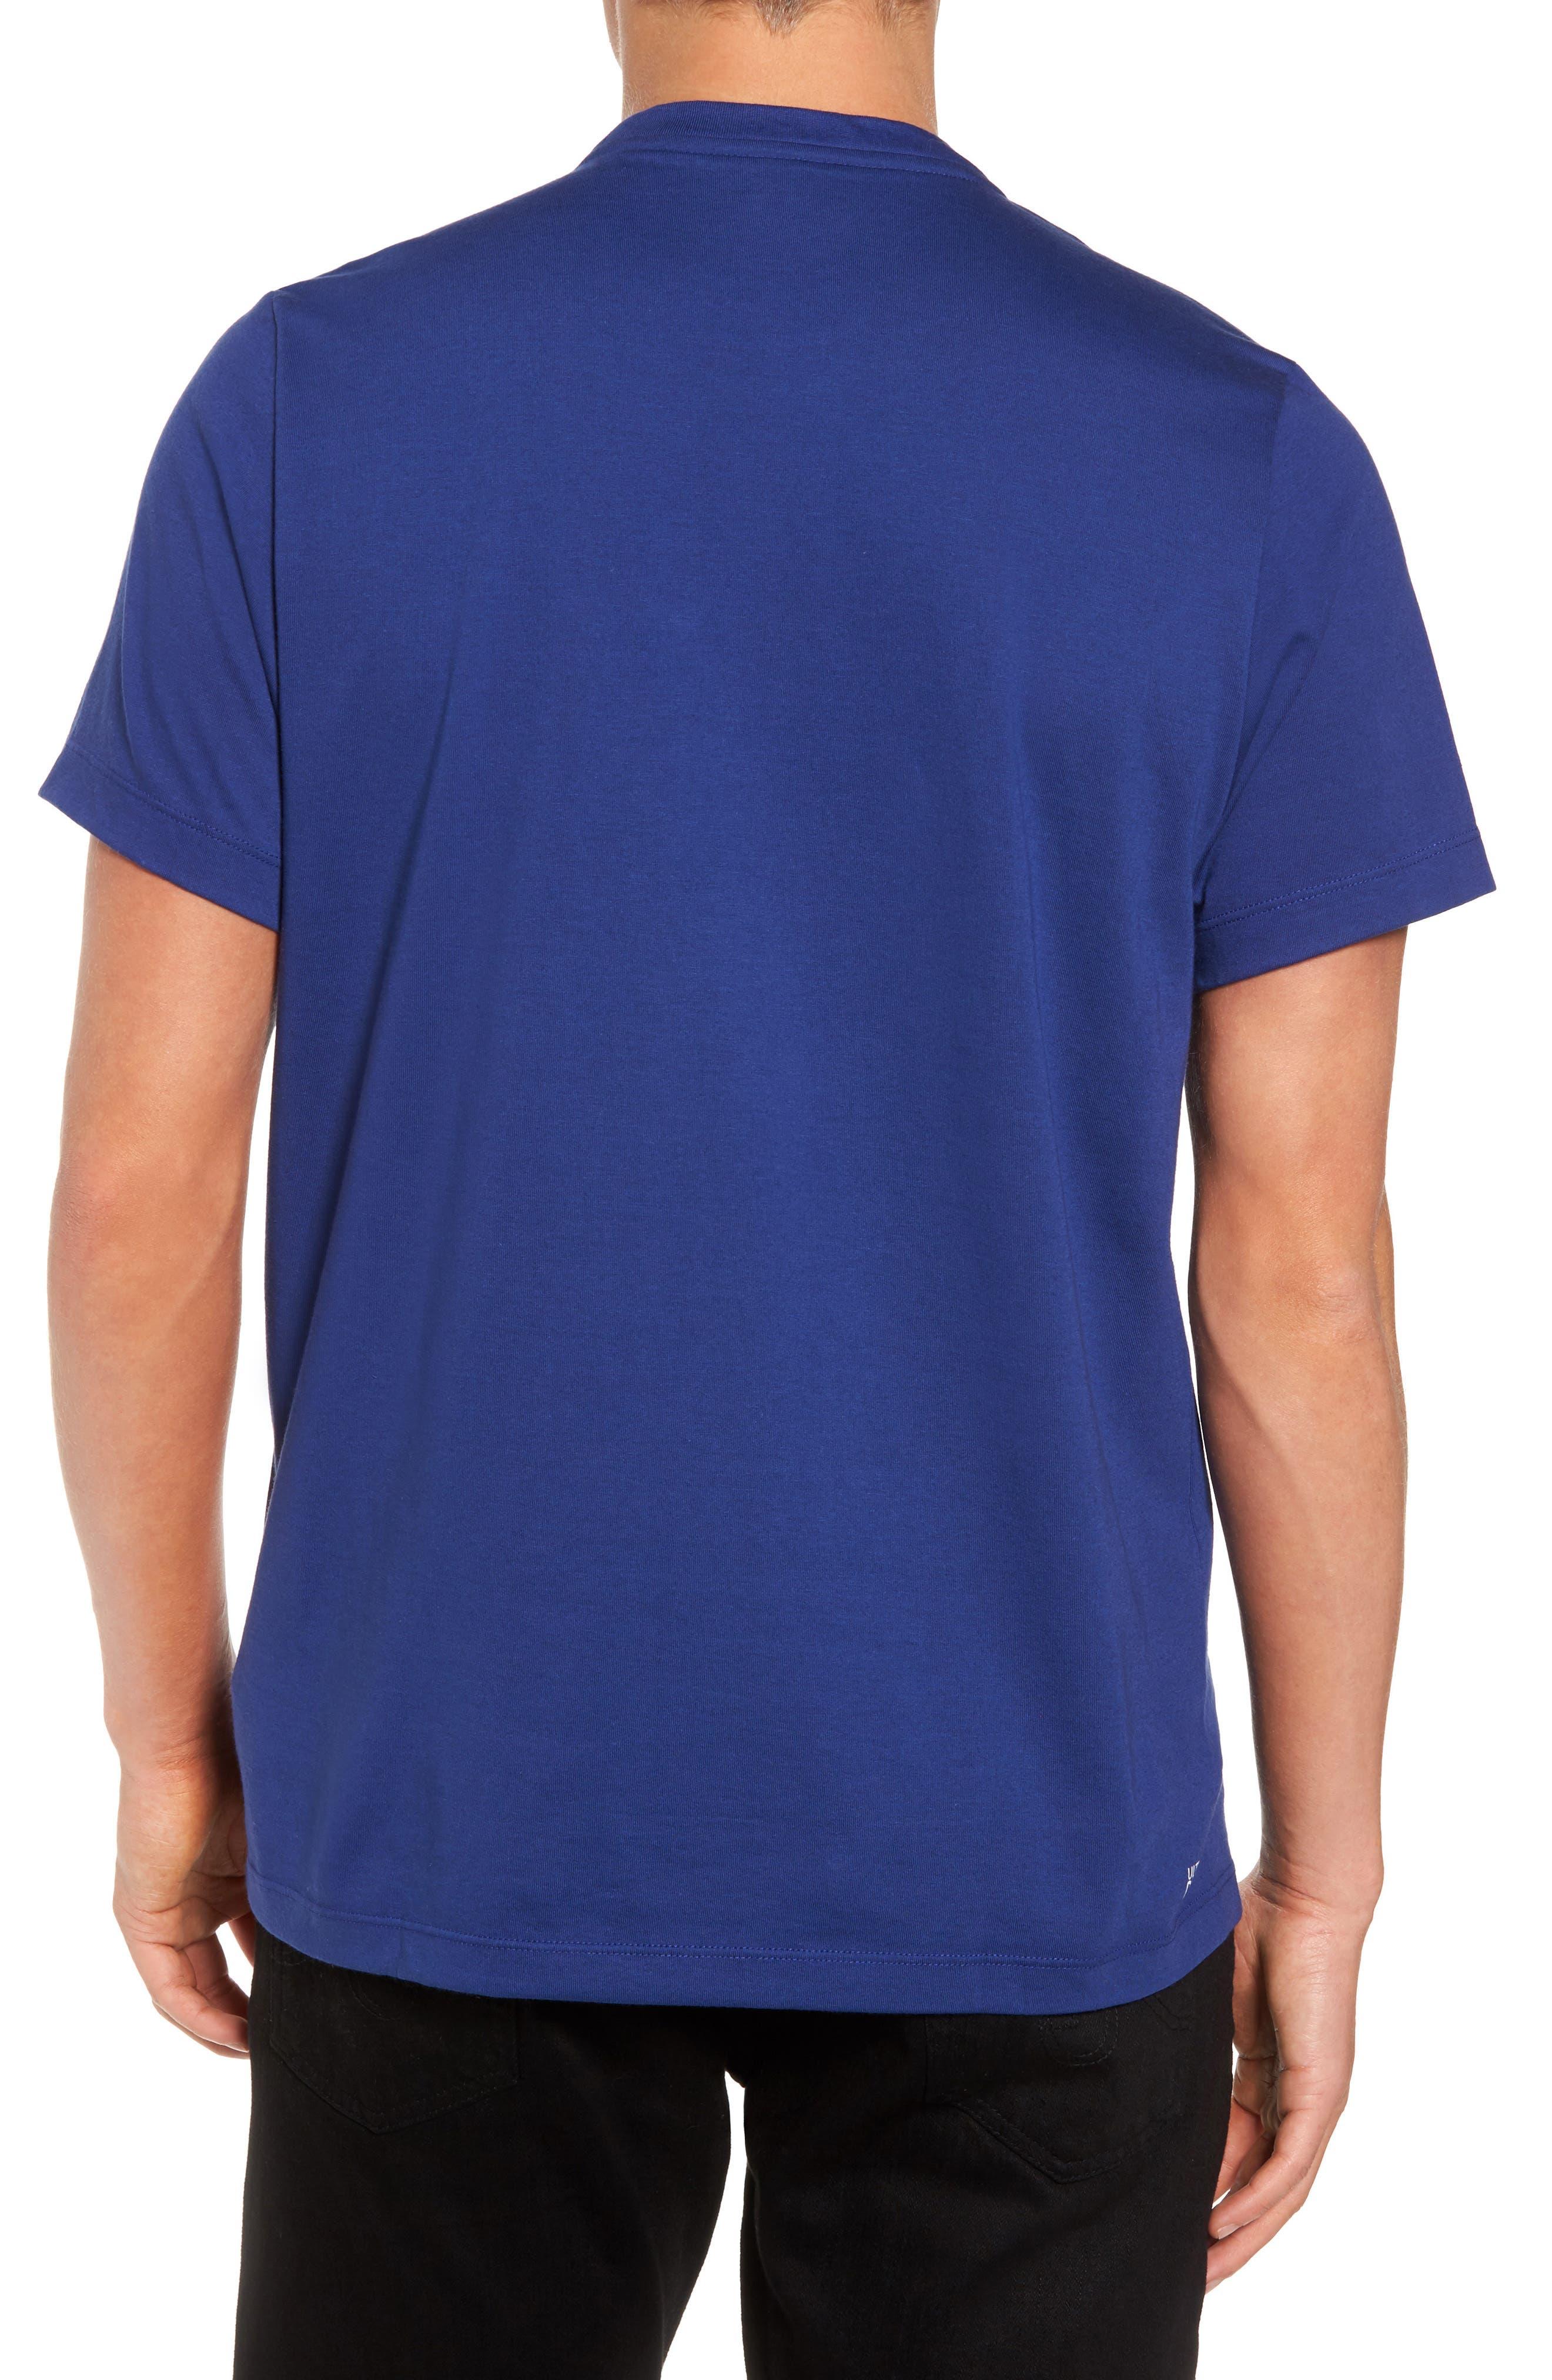 Tech Vertical Stripe Graphic T-Shirt,                             Alternate thumbnail 6, color,